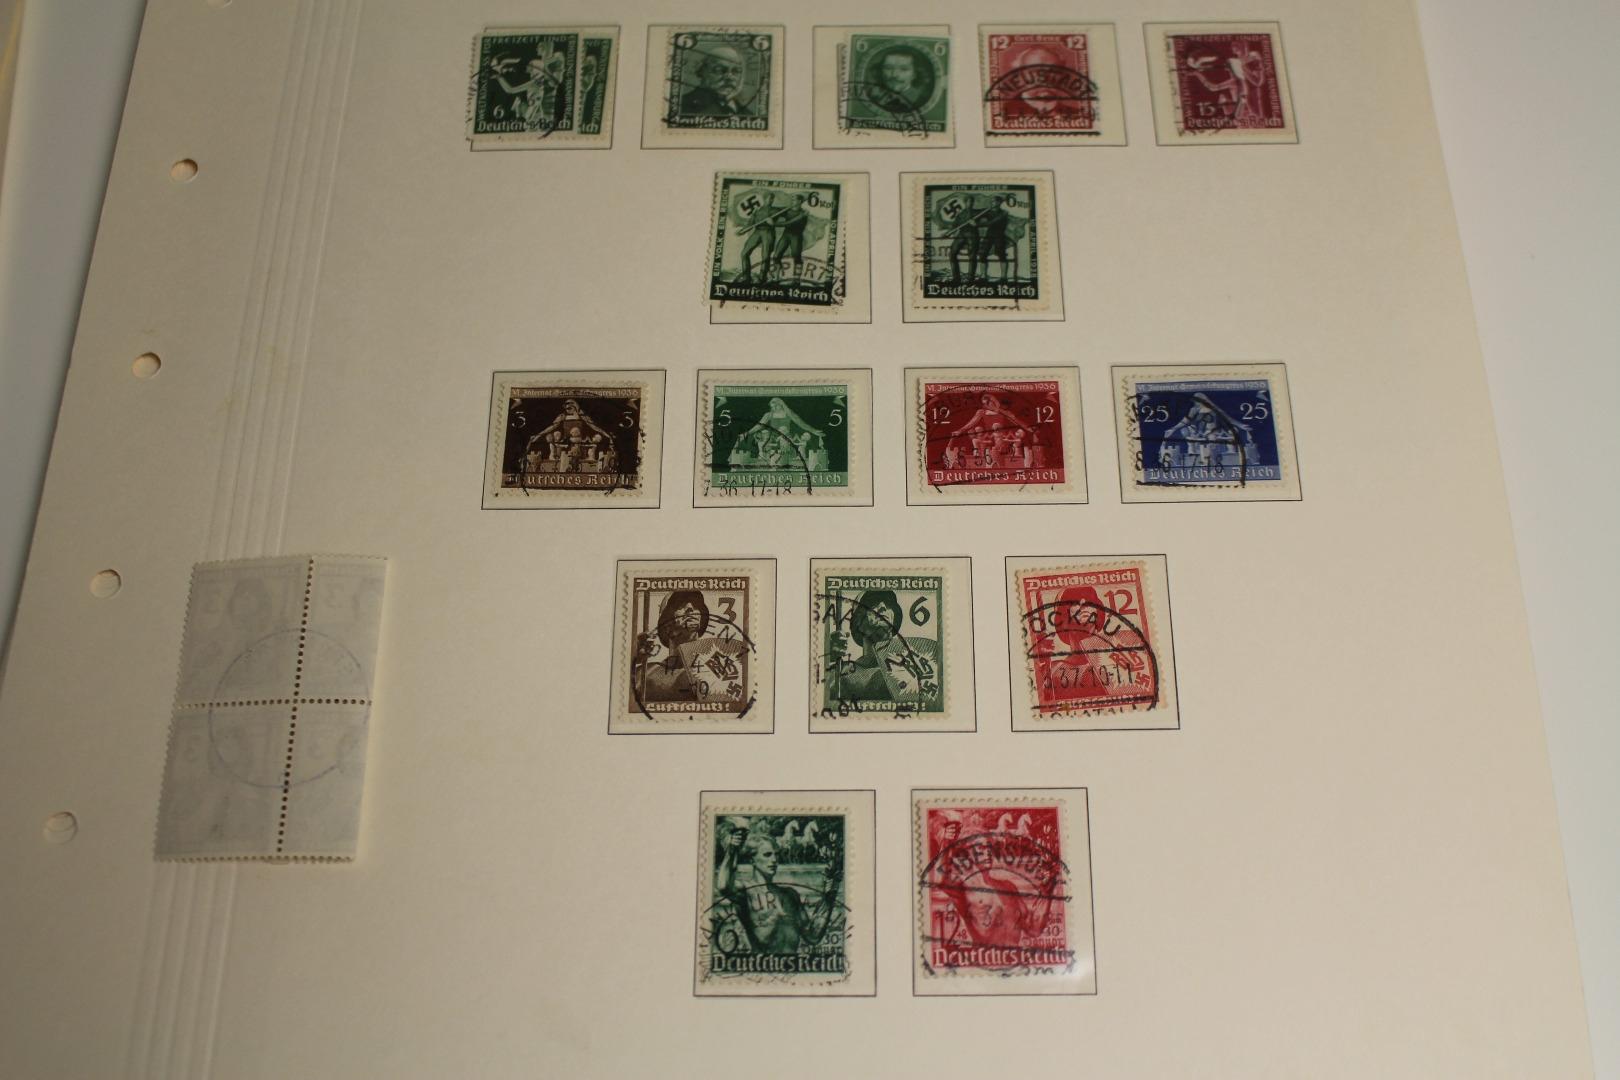 Briefmarken Posten Viel Deutsches Reich Dabei 2 Alte Vordrucke